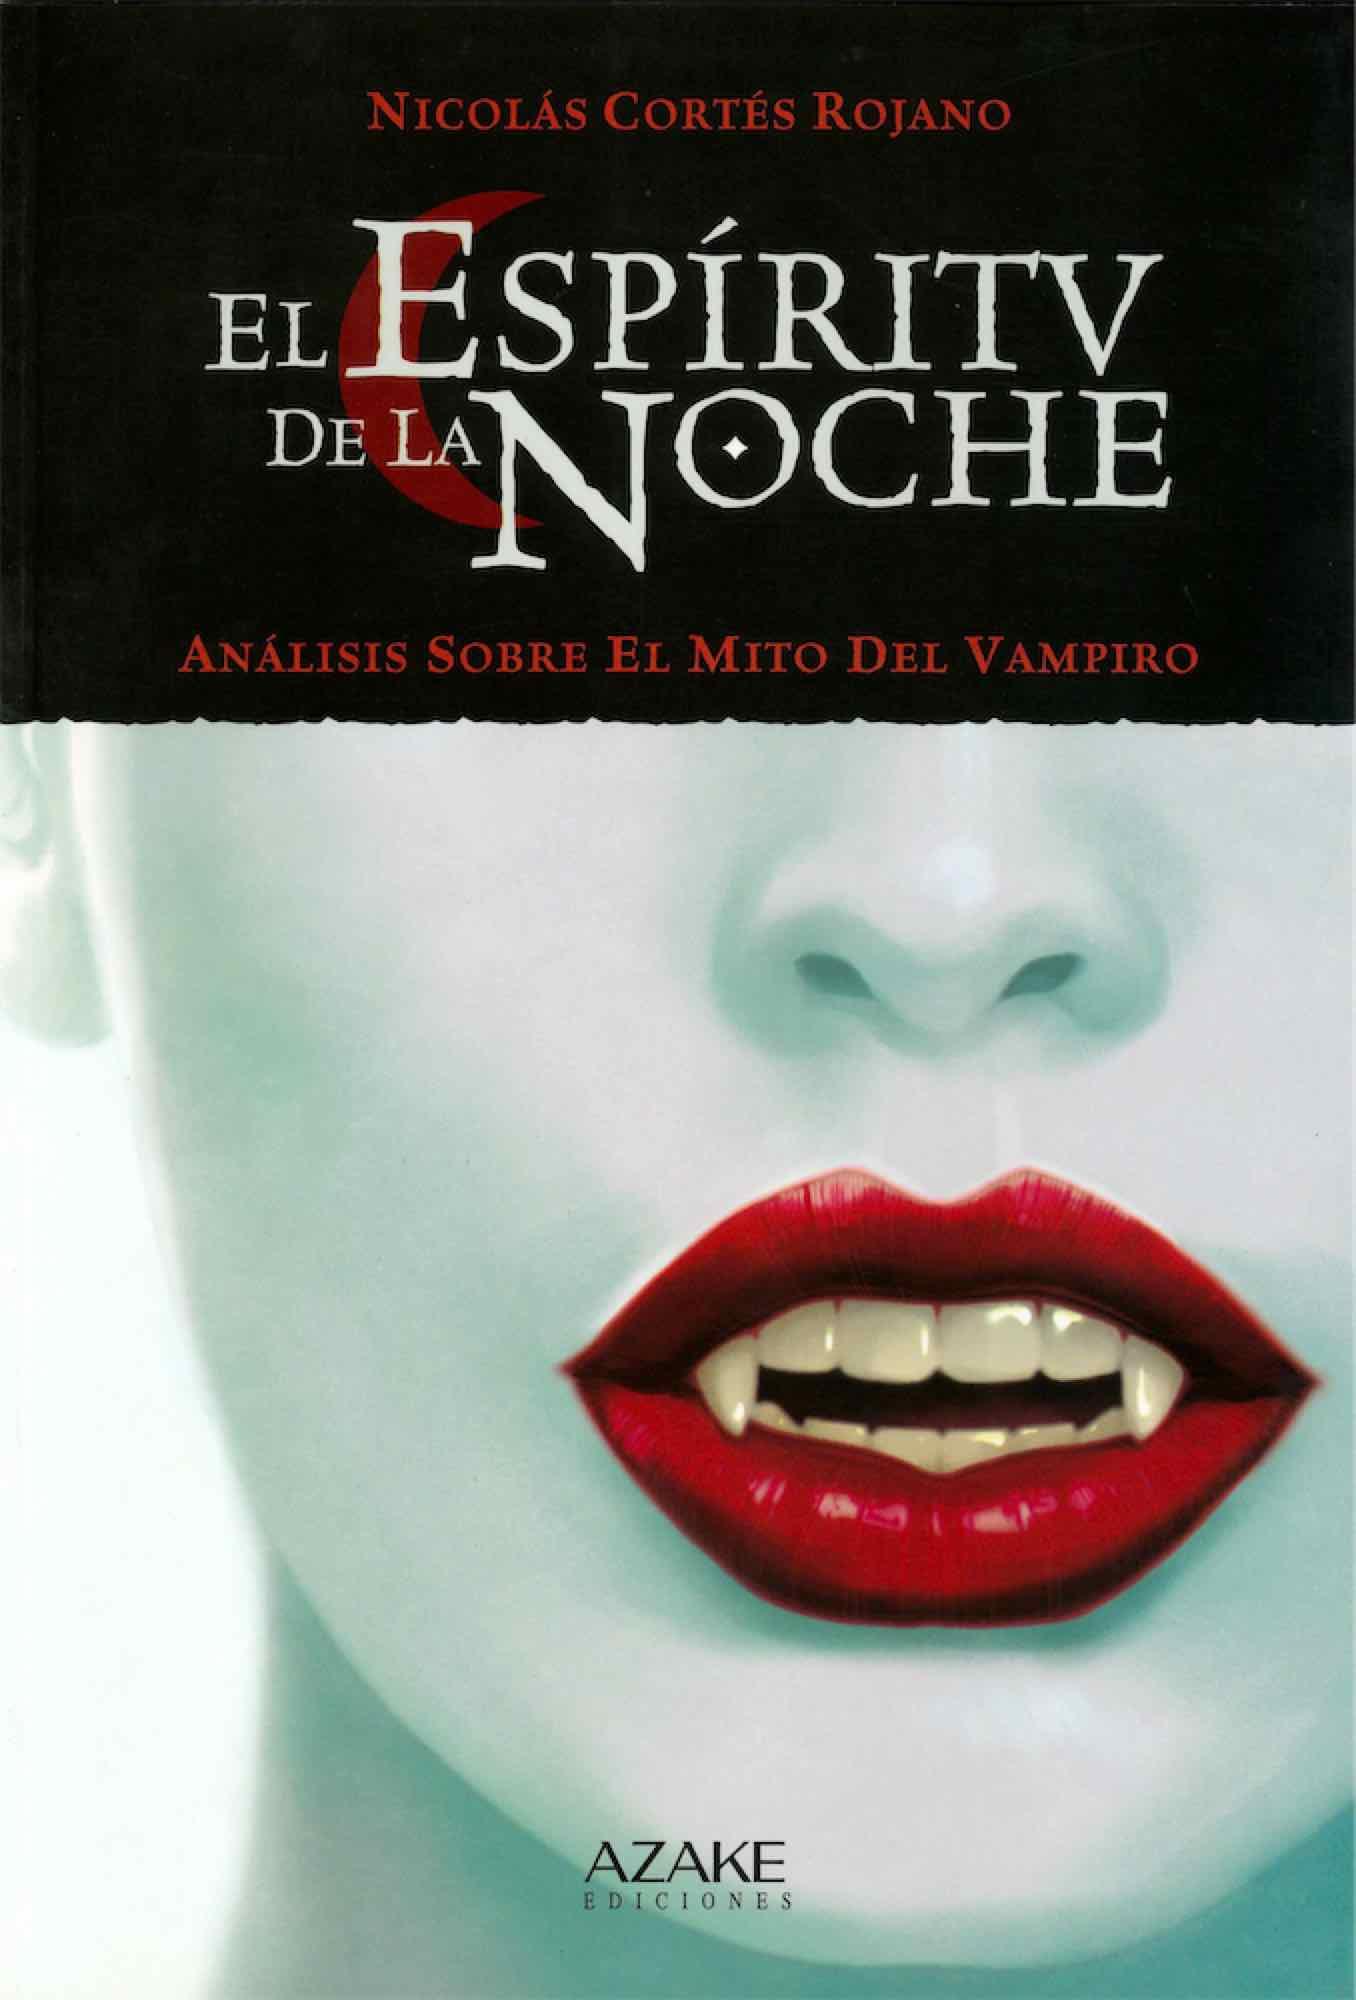 EL ESPIRITU DE LA NOCHE: ANALISIS SOBRE EL MITO DEL VAMPIRO